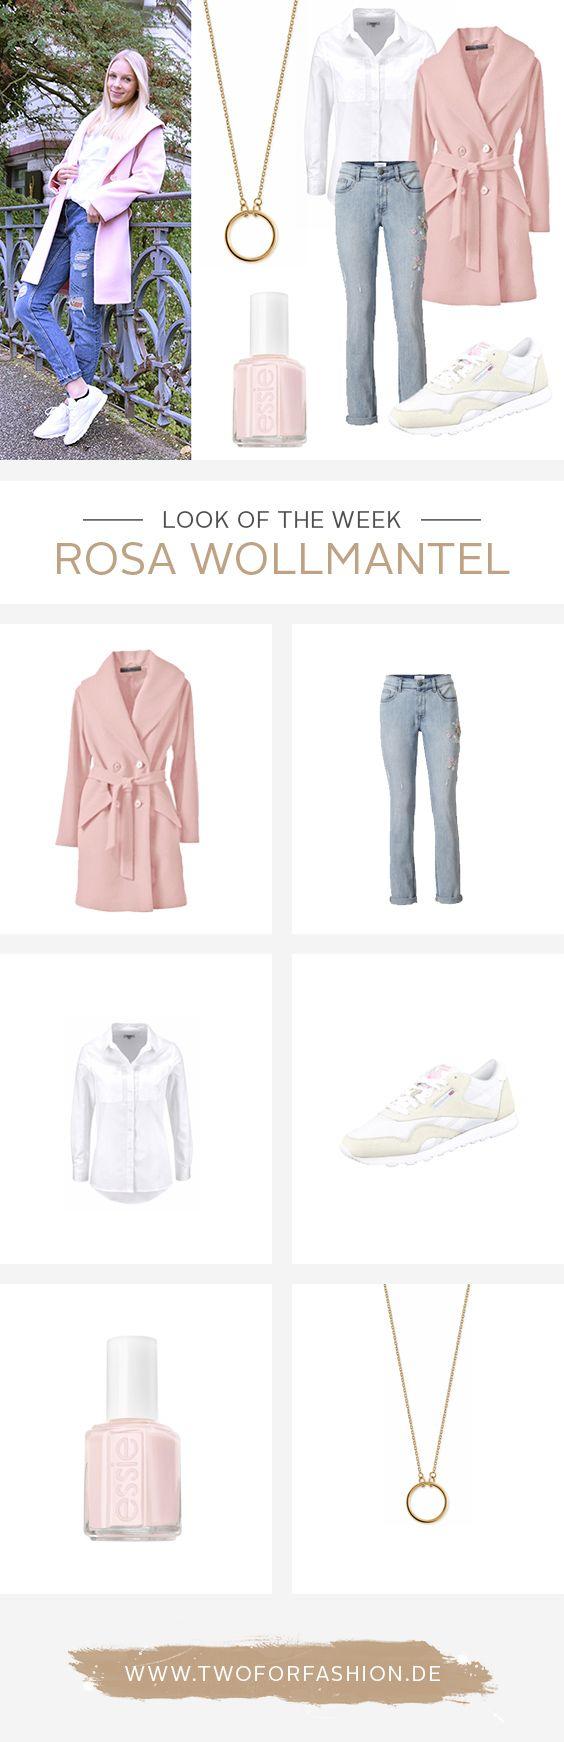 Mit dem hochwertigen rosa Wollmantel seid ihr während der grauen Wintertage der absolute Hingucker. Cathrin kombiniert dazu eine lässige Bluse, eine Boyfriend Jeans und sportliche Sneaker.